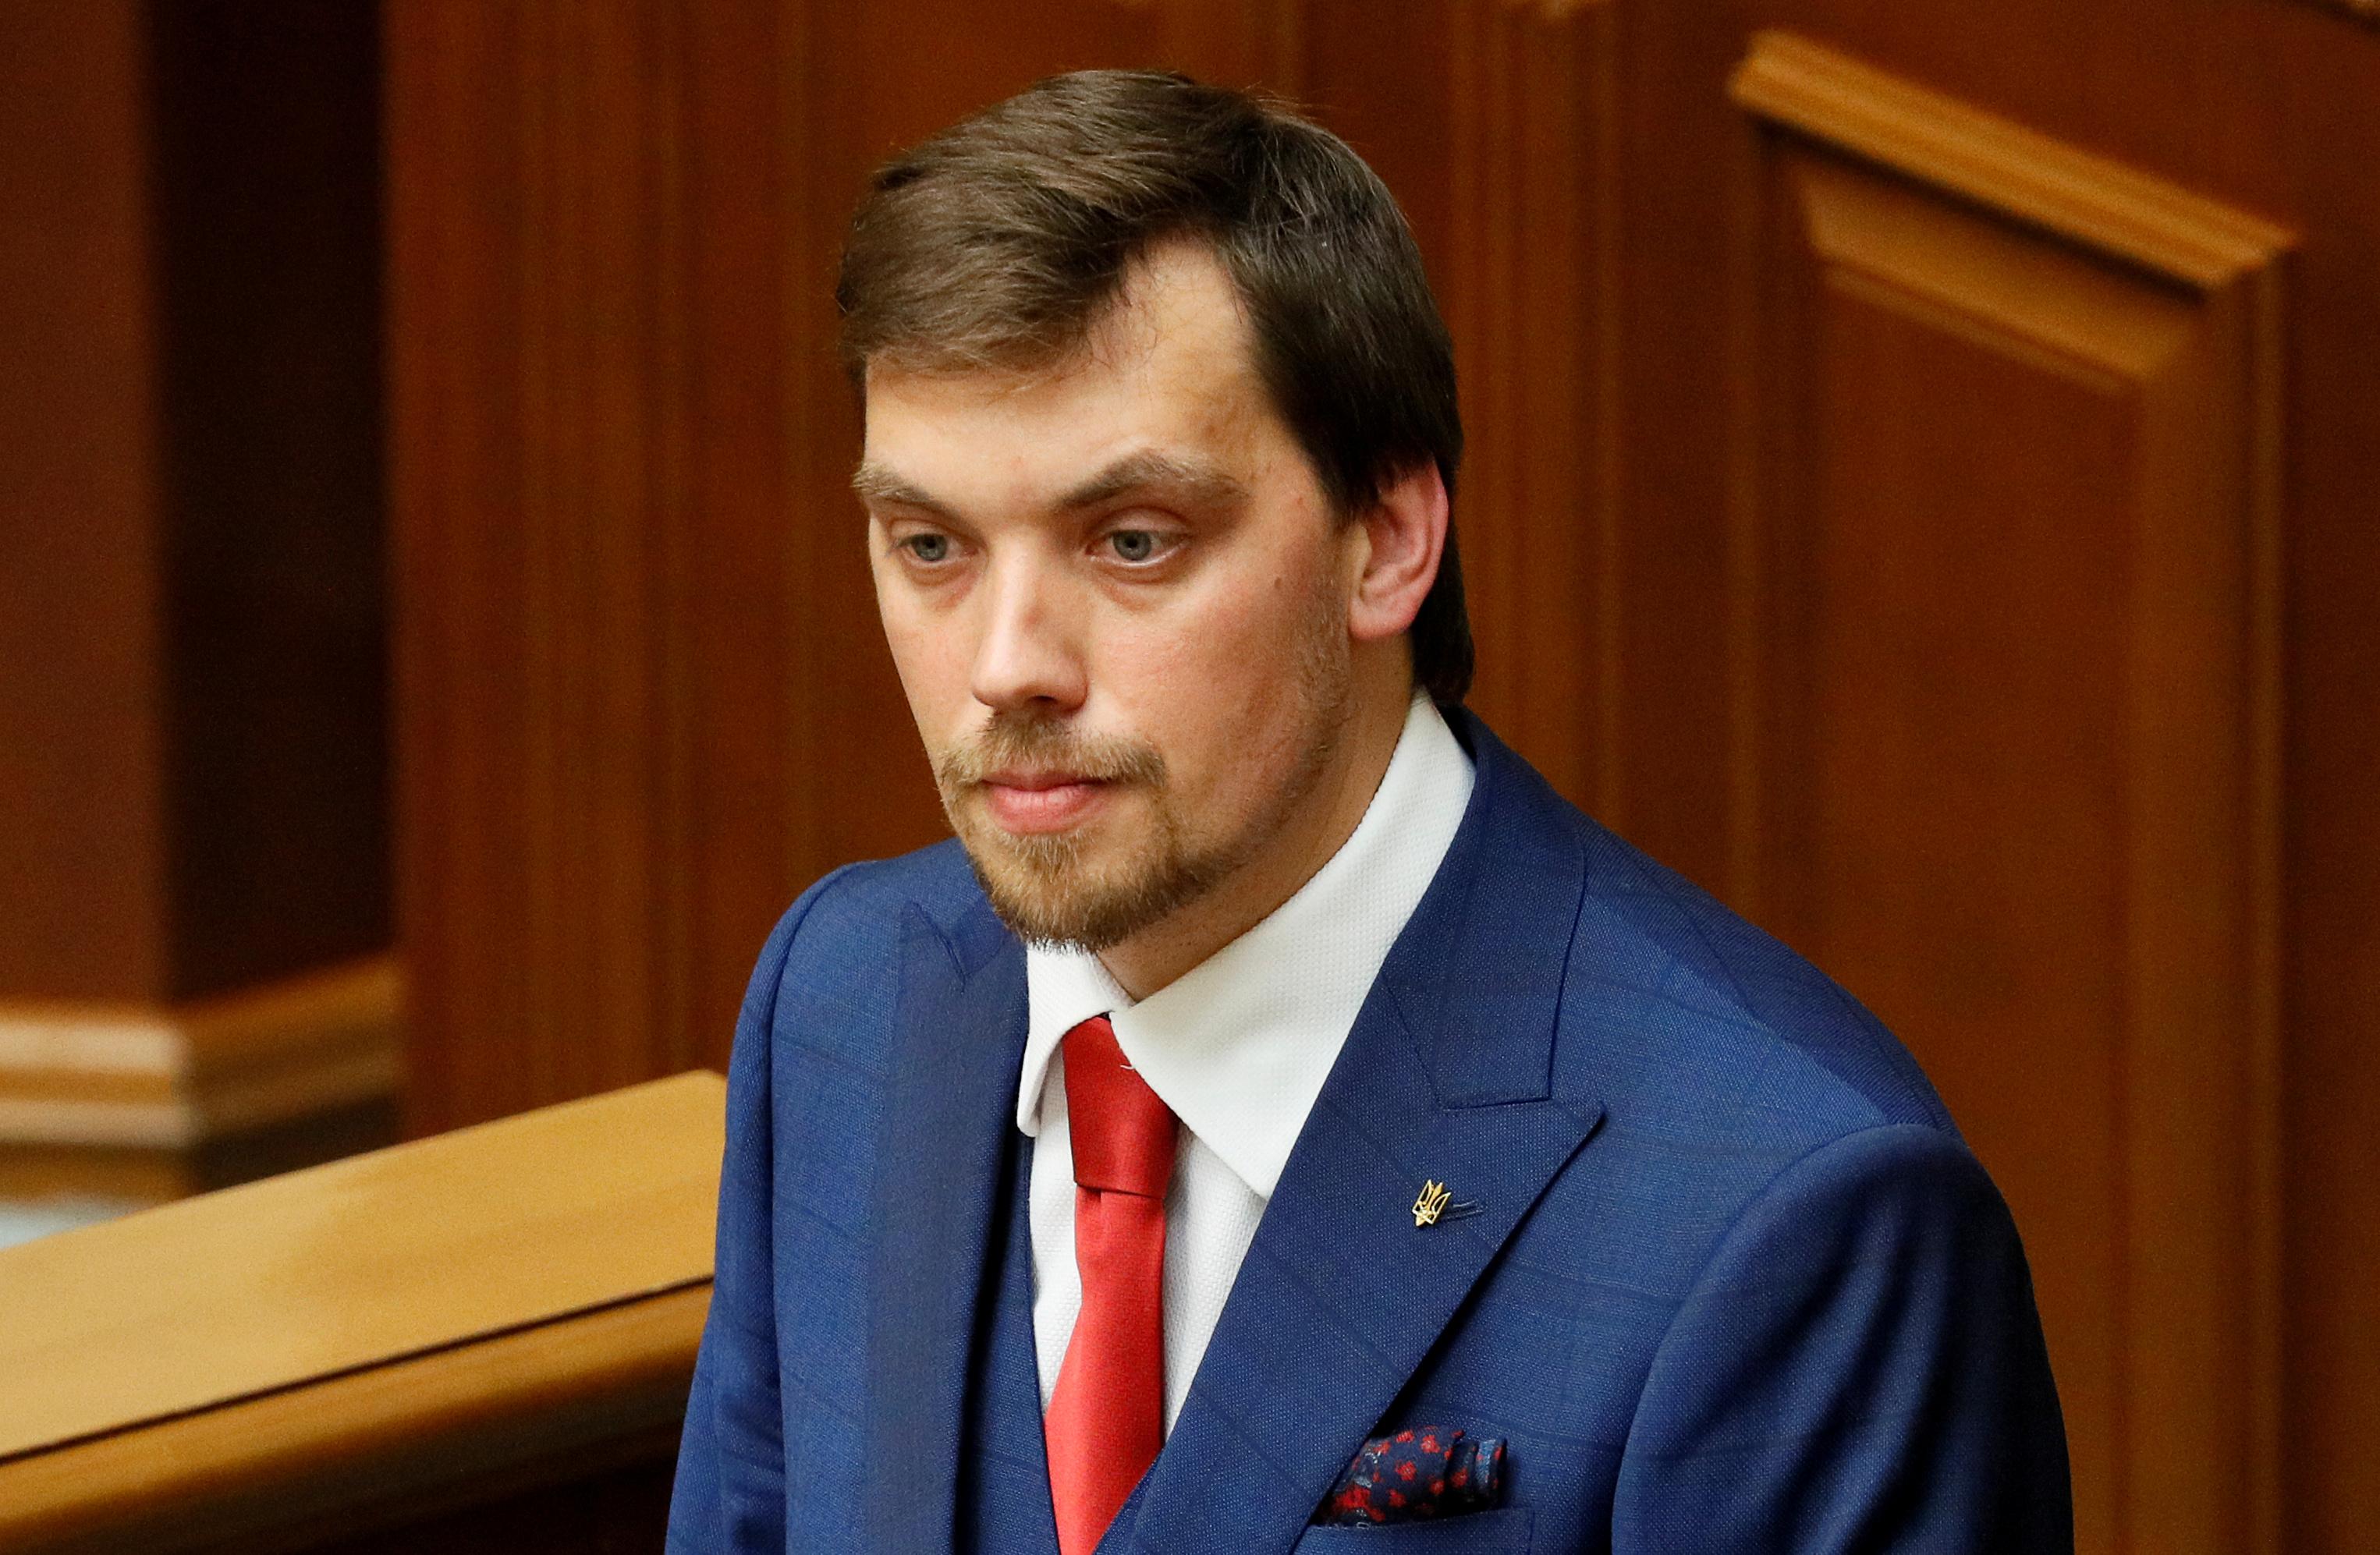 Ουκρανία: Ο Ζελένσκι δεν έκανε δεκτή την παραίτηση του πρωθυπουργού Οντσαρούκ